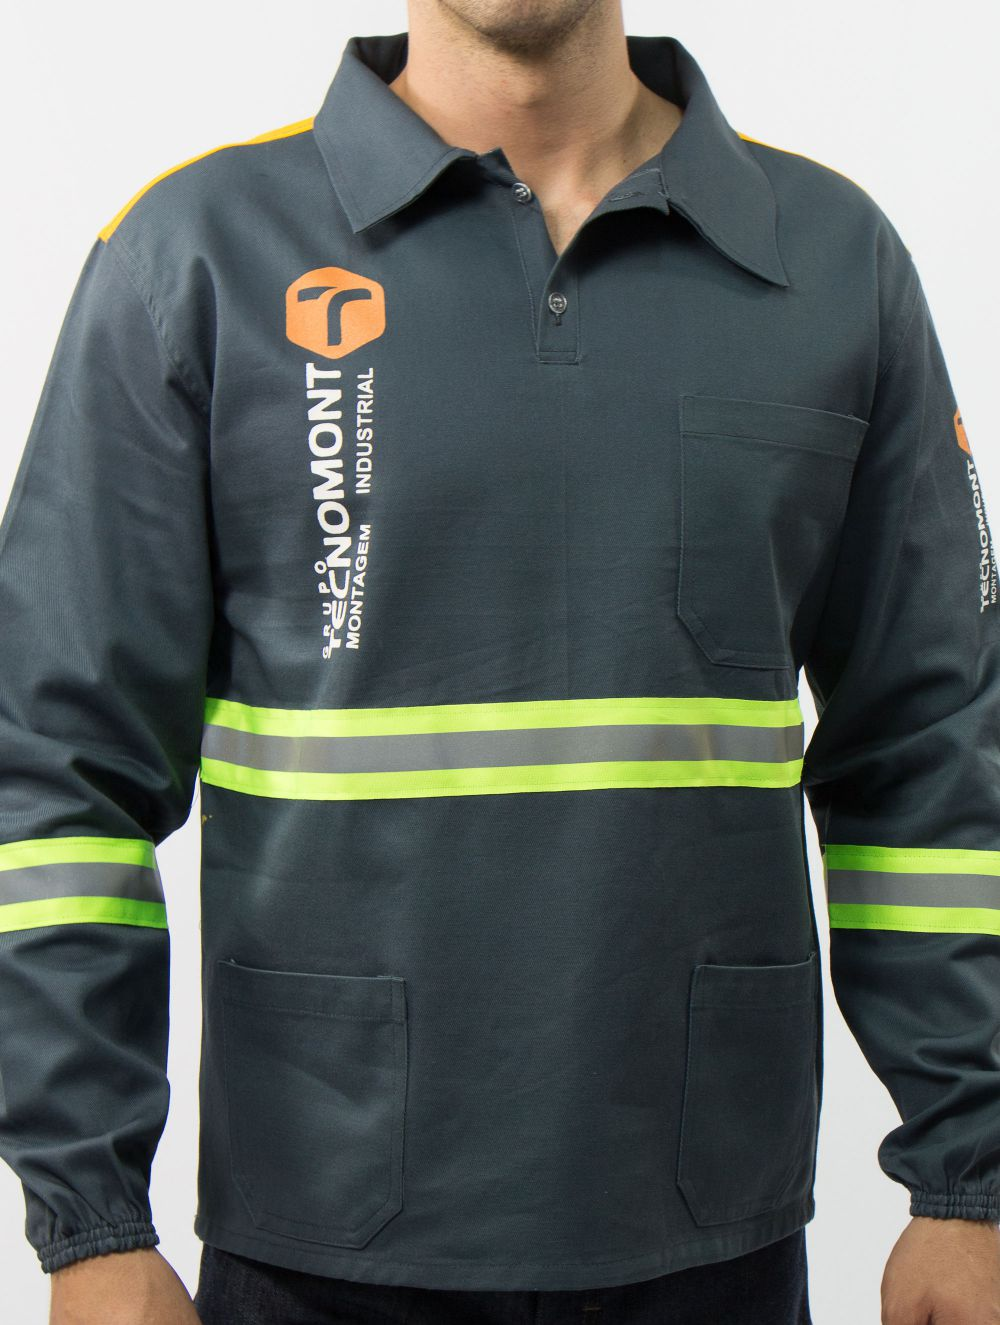 Camisa Operacional com Refletivas 5,0 cm Verde